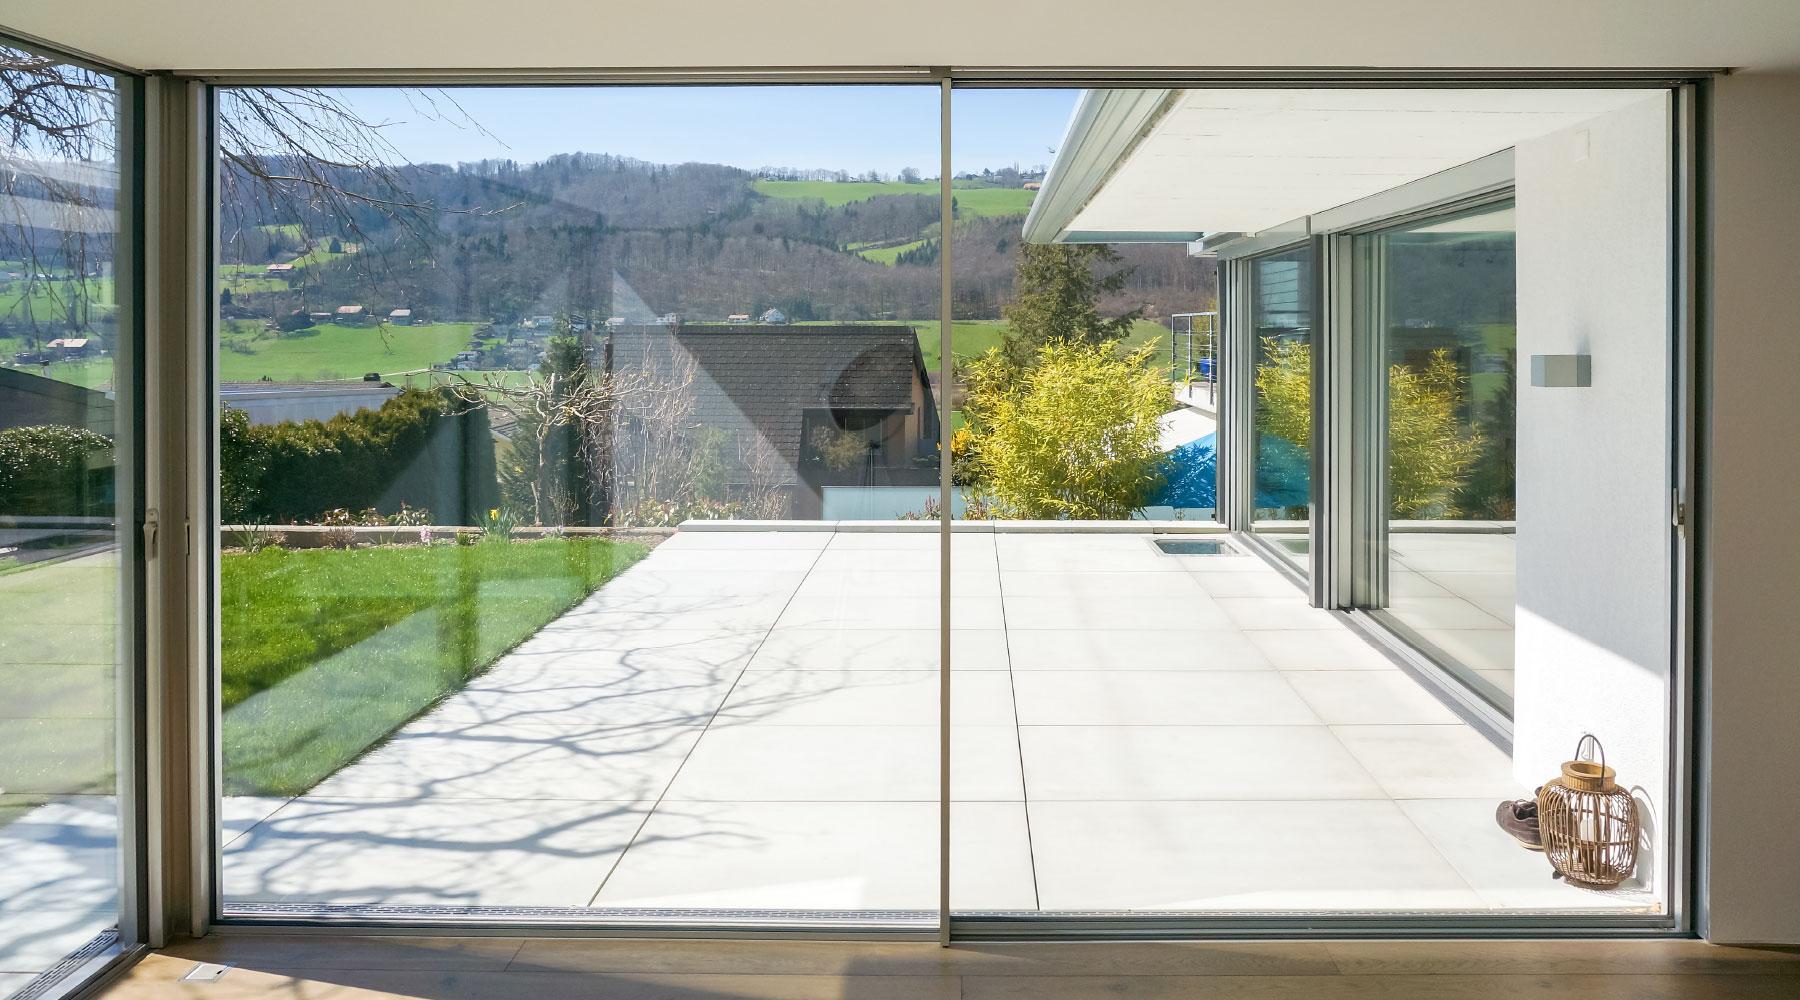 wintergarten wohnwintergarten wohnraumerweiterungen. Black Bedroom Furniture Sets. Home Design Ideas